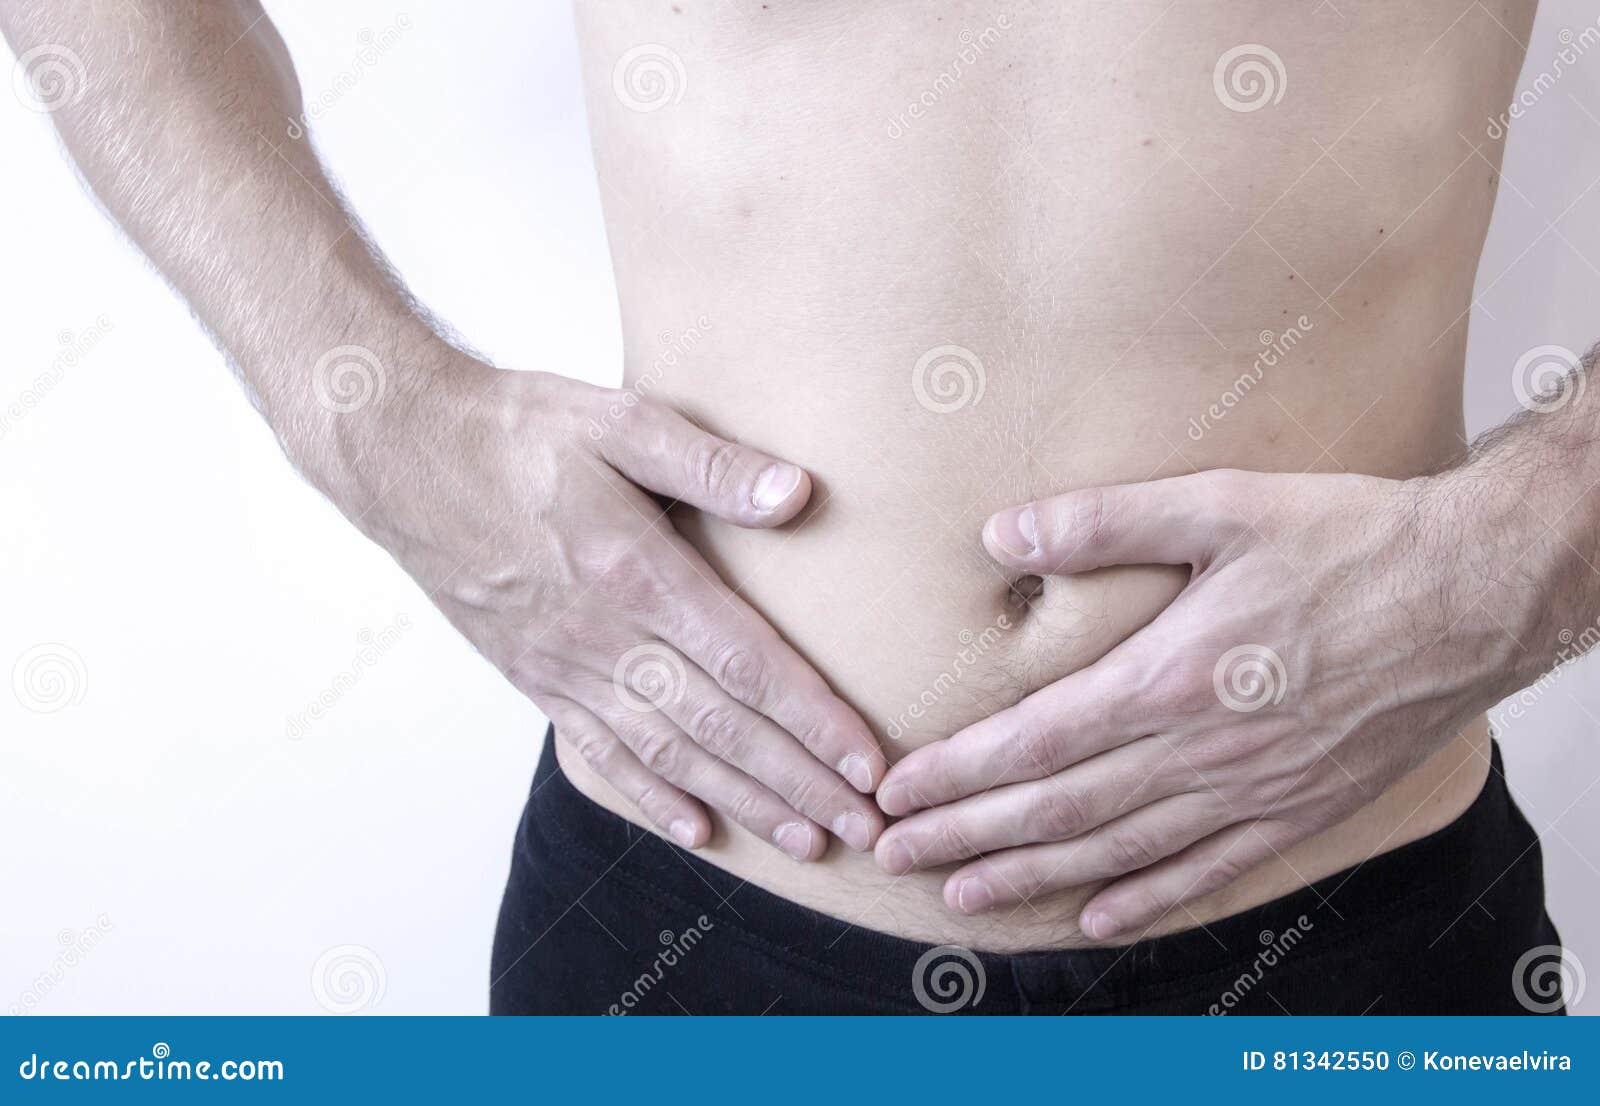 dolor de la apendice de que lado es